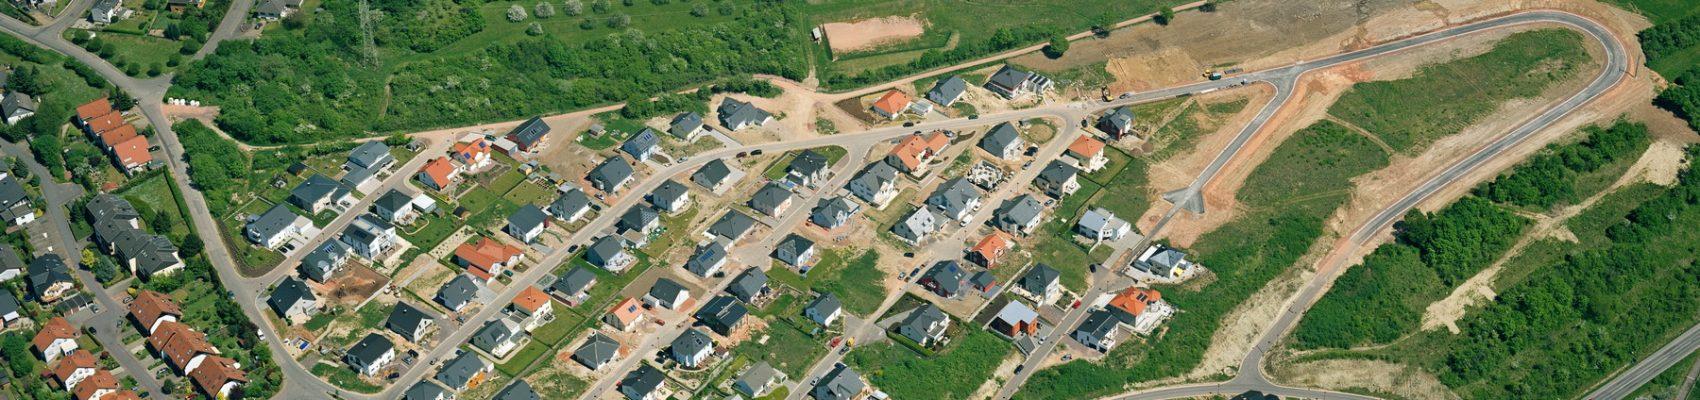 Auf dem Bild ist eine Luftaufnahme des Baugebietes Gipsberg zu sehen.